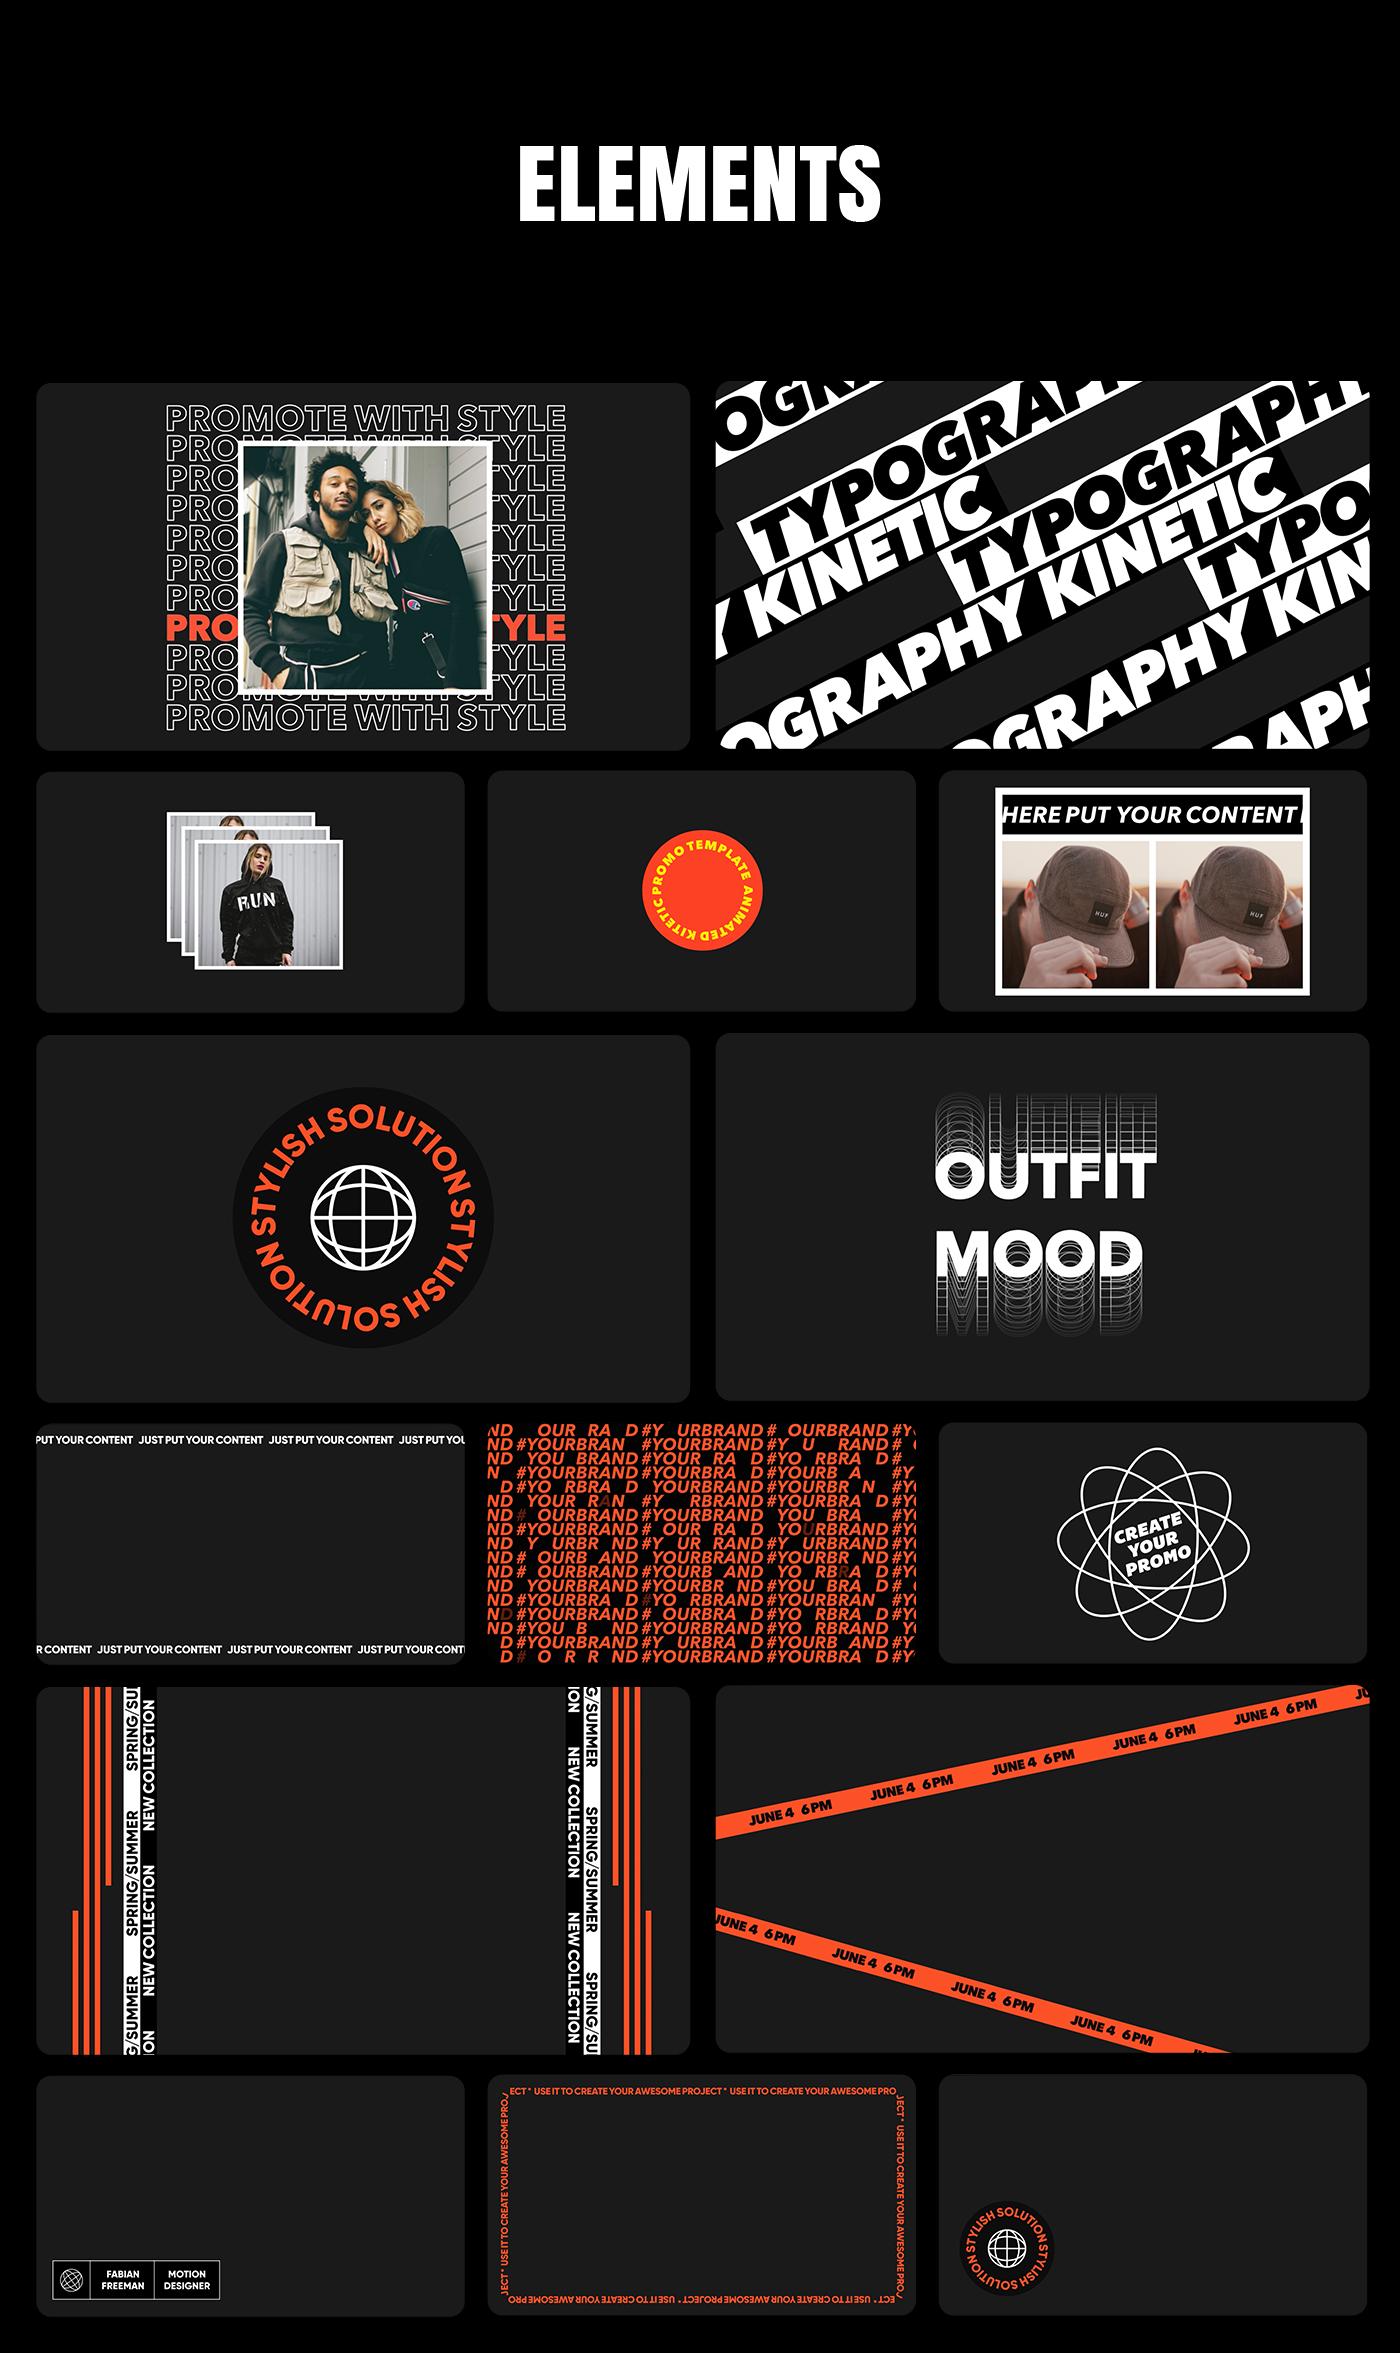 AE脚本-200多个创意文字标题排版时尚宣传视频包装动画工具包 Kinetic Social Pack for Win/Mac破解版插图18